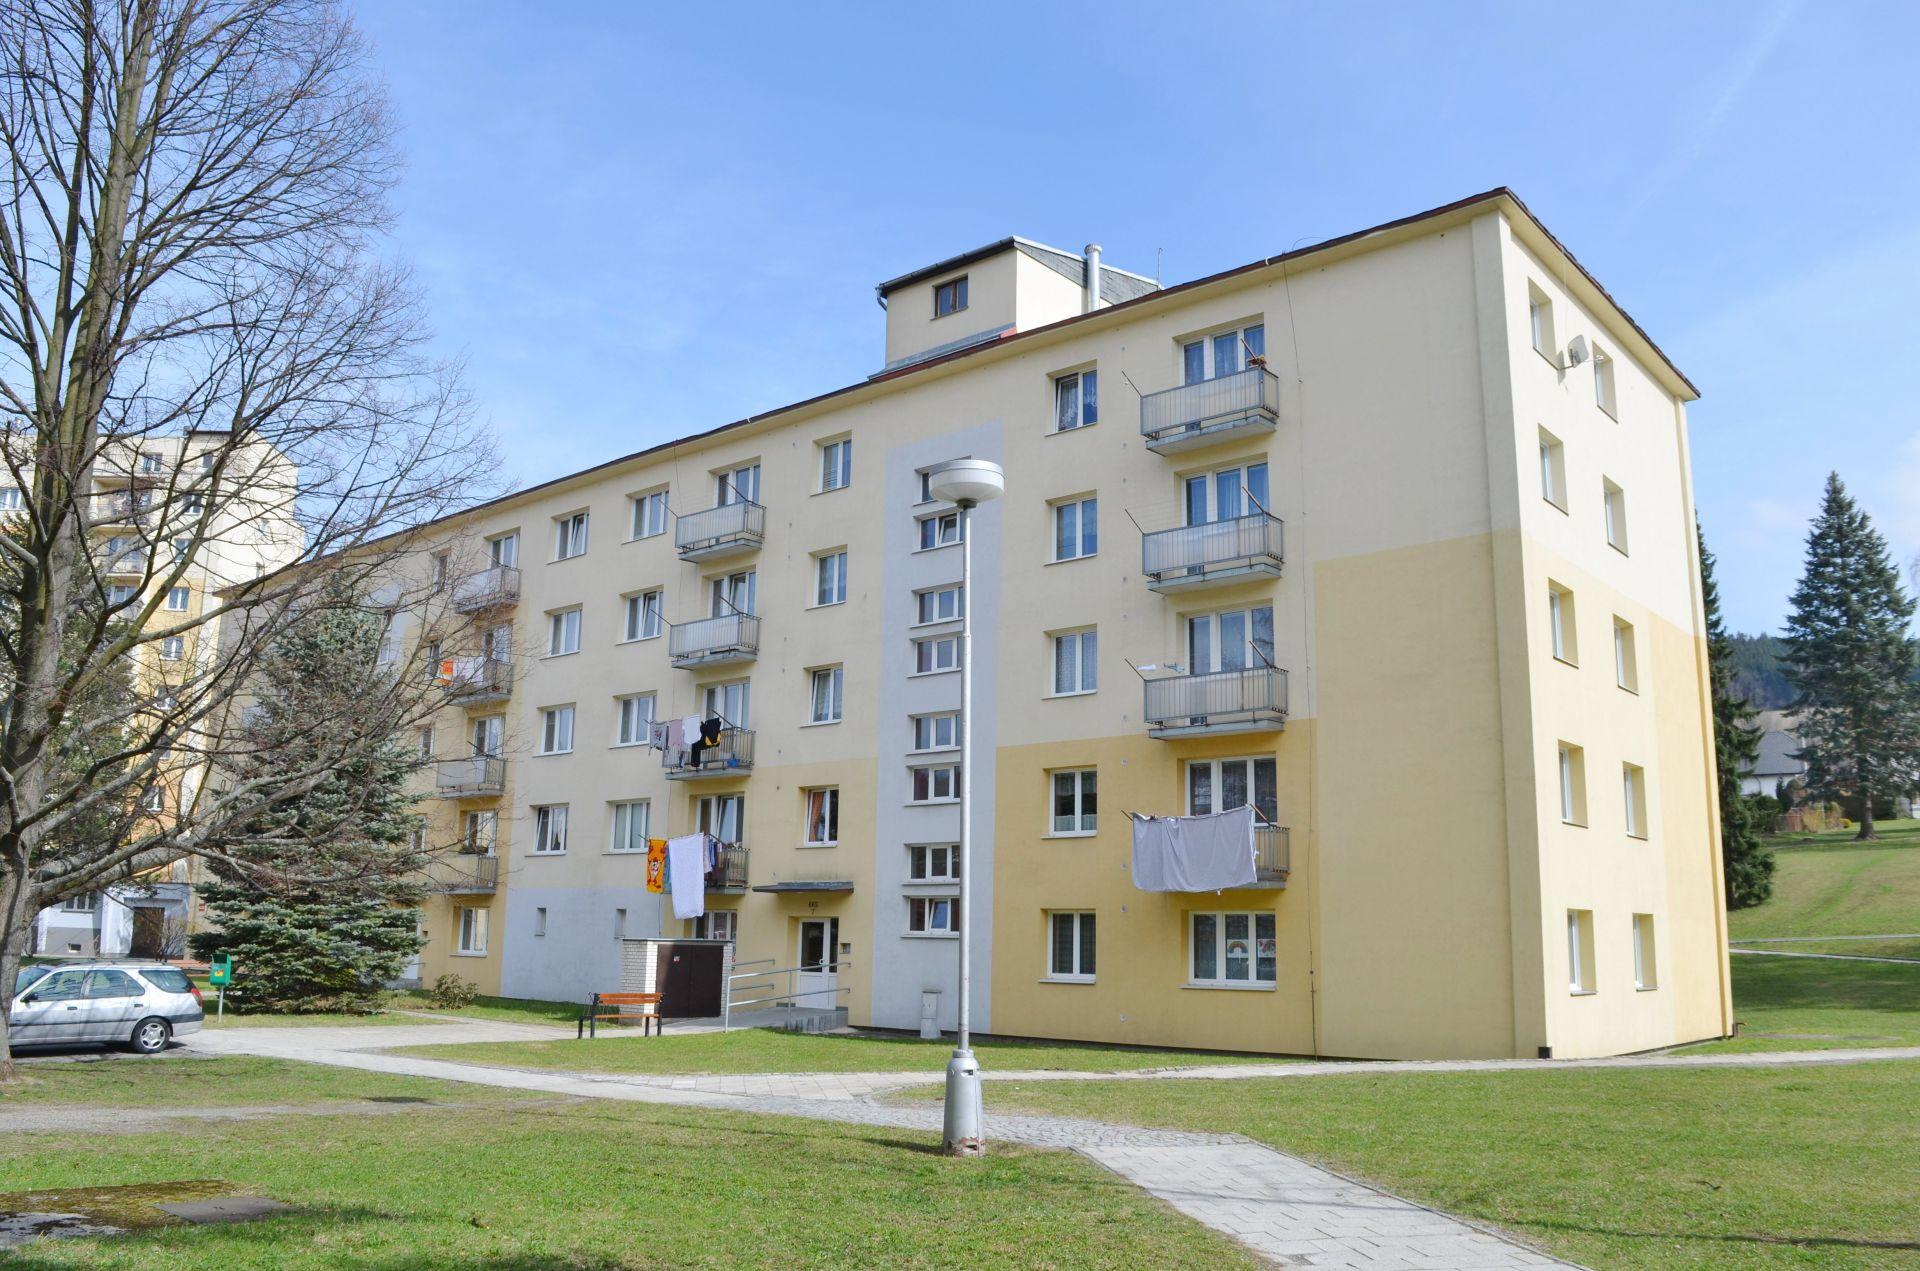 Prodej bytu 2+1 54 m2 v Lázeňském městě Jeseník.